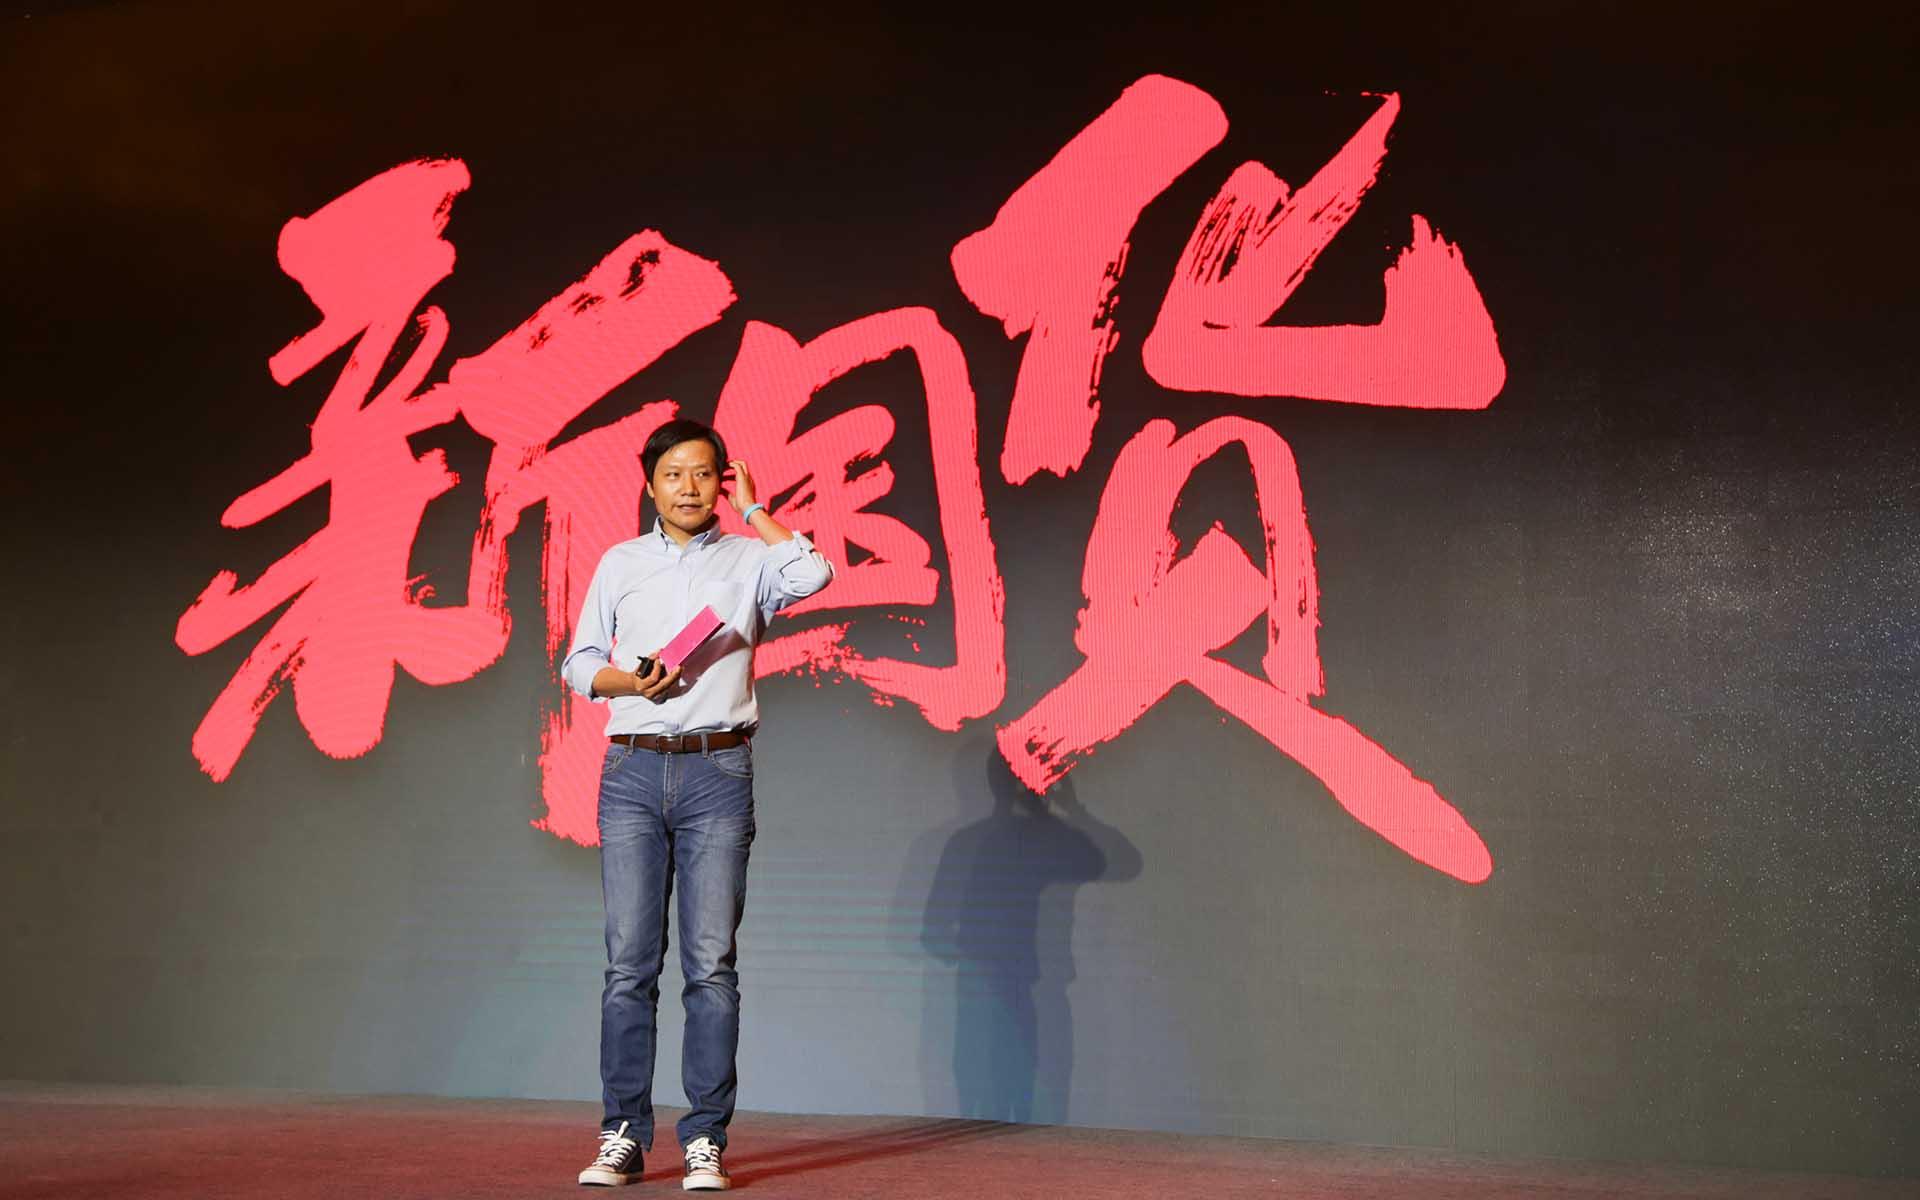 leijun xiaomi 4c Qualcomm 808 Photo By PingWest Hao Ying